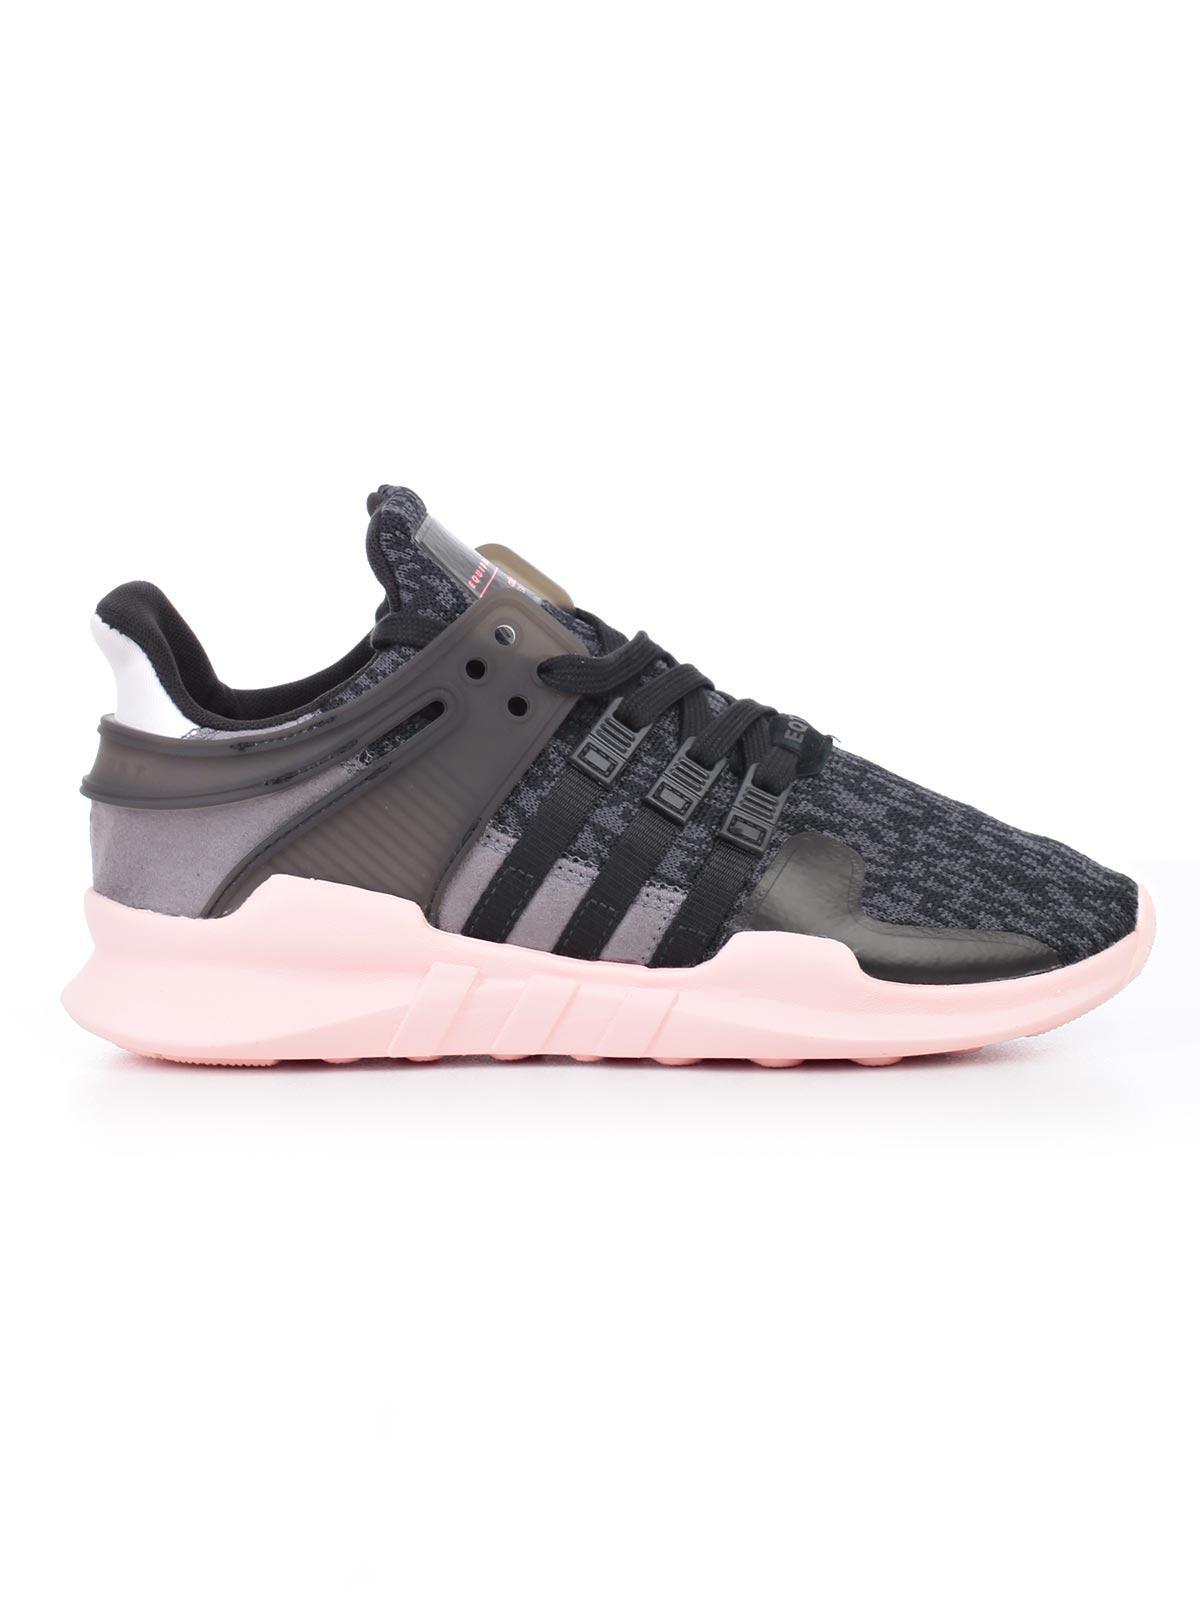 lyst adidas originali scarpa attrezzature sostegno in grigio.